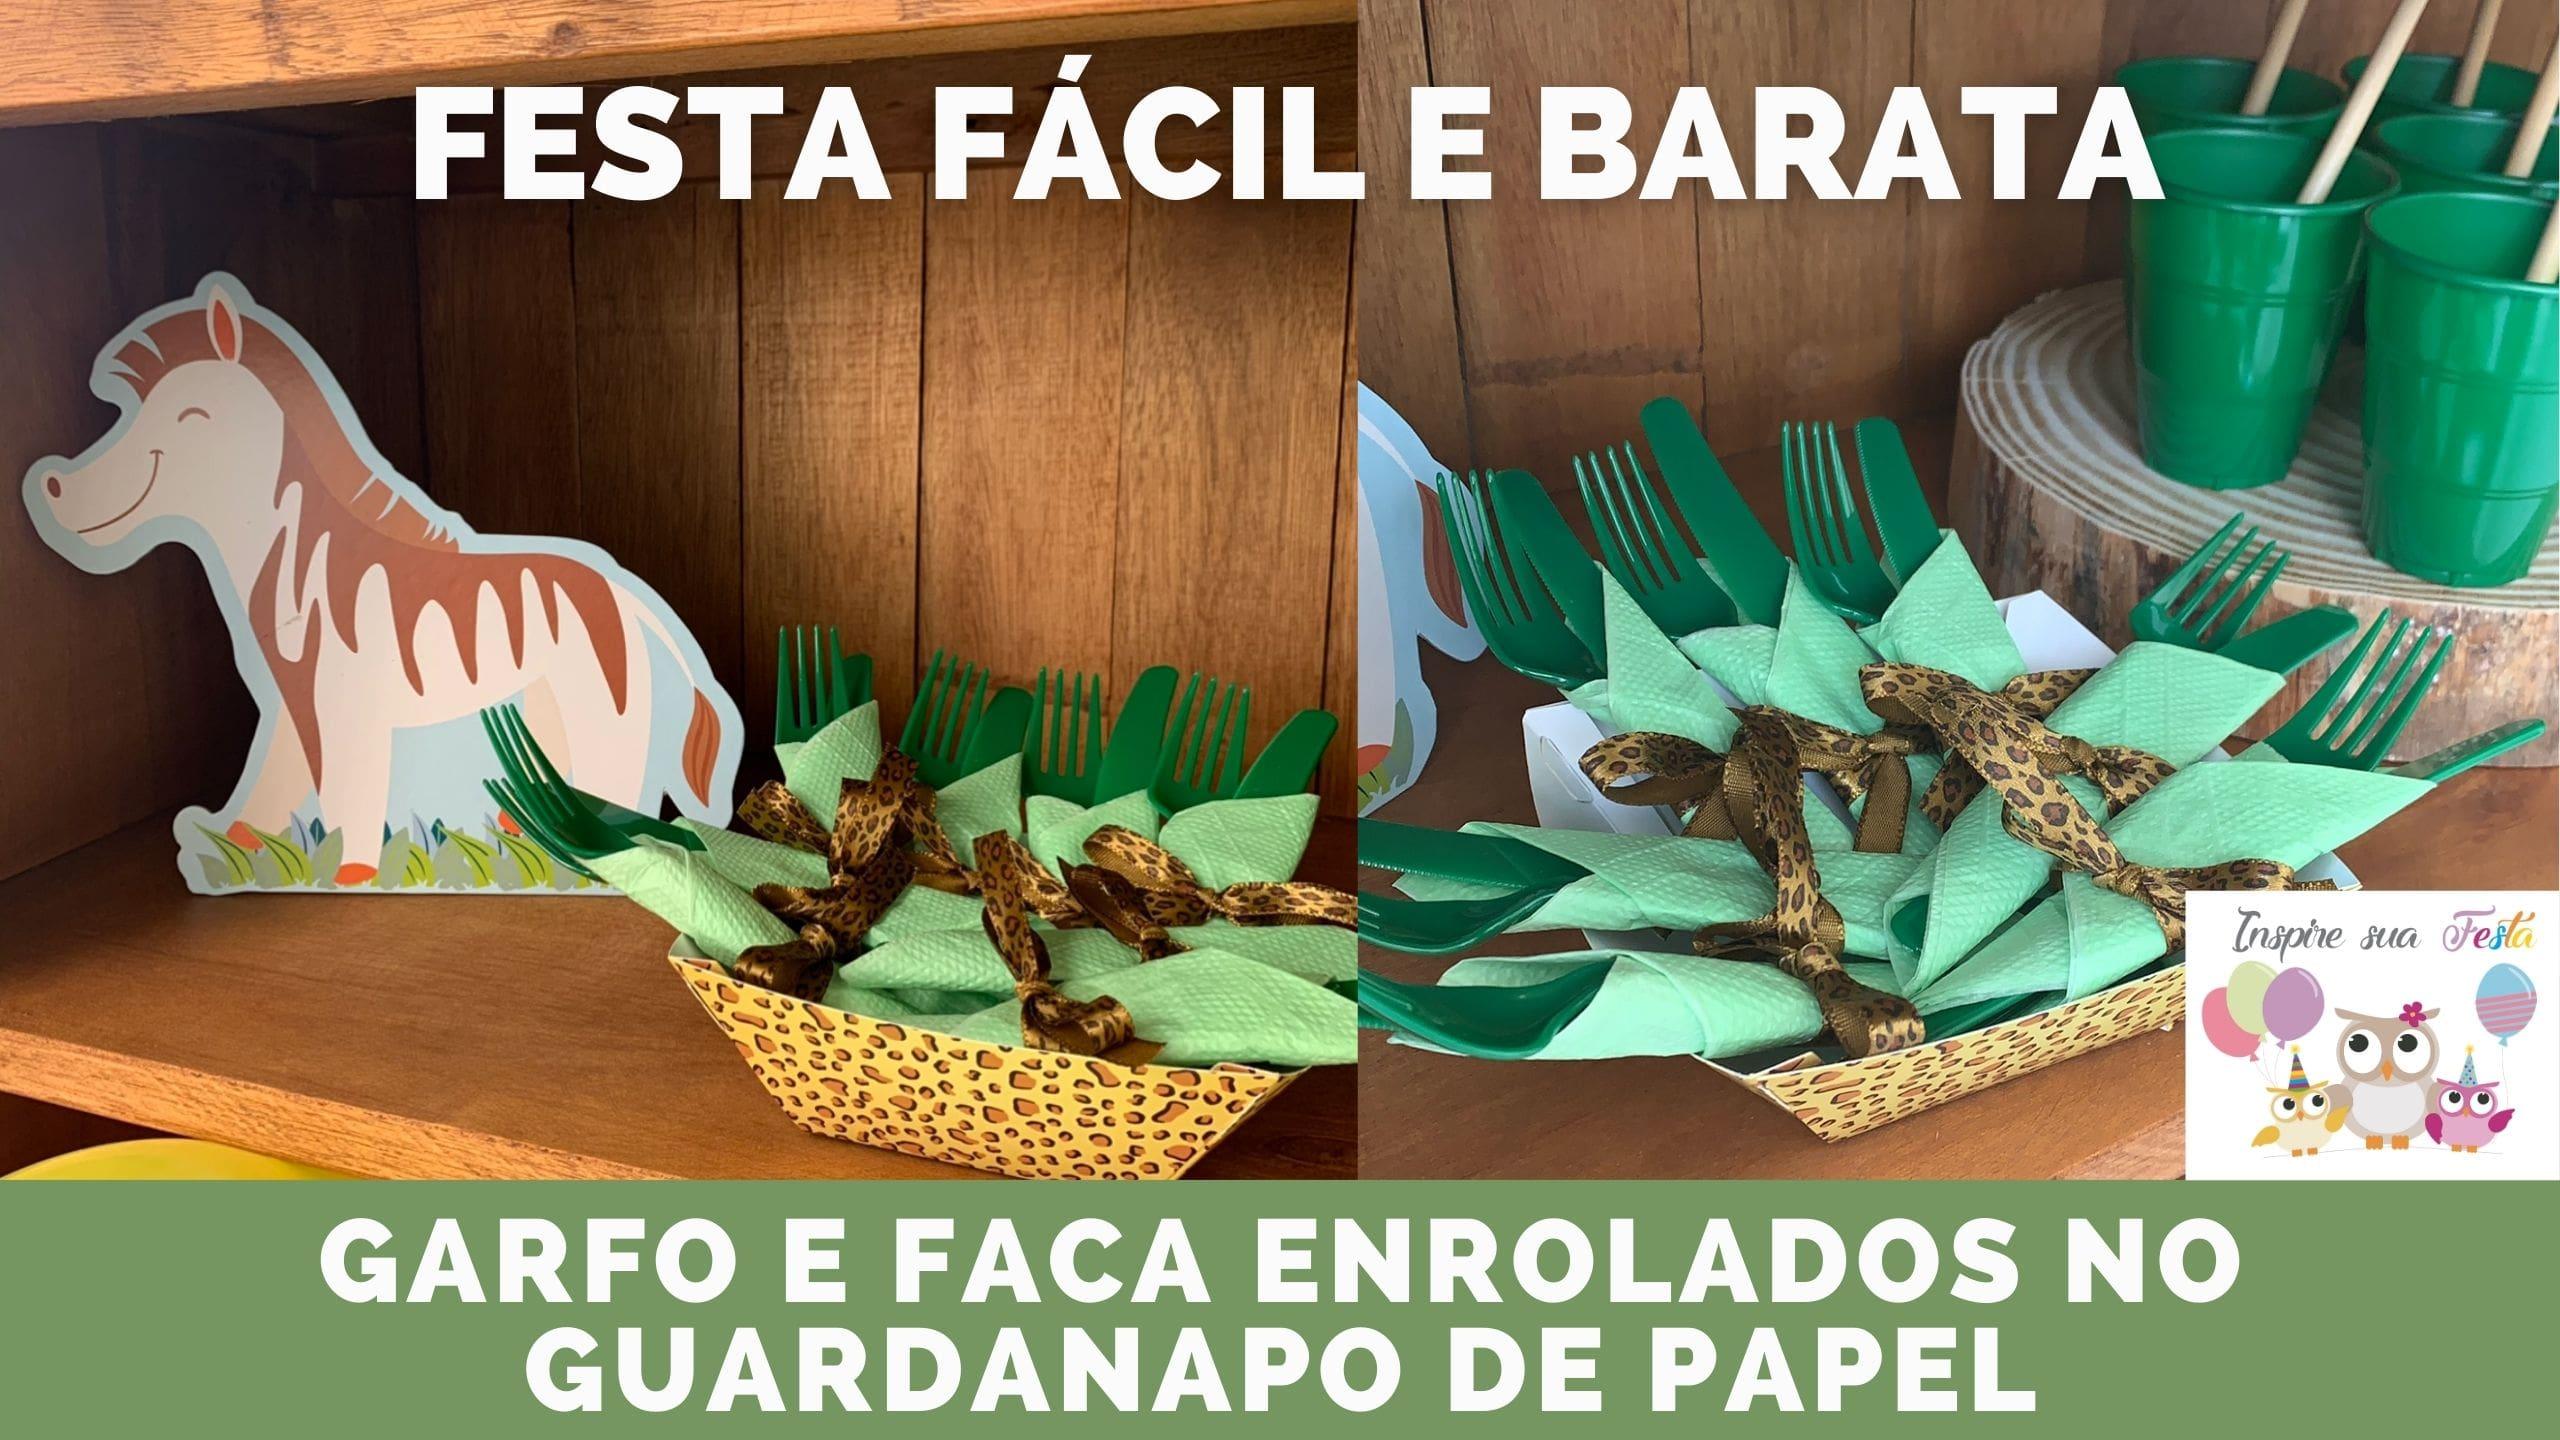 Como enrolar talheres no guardanapo de papel – Festa fácil e barata